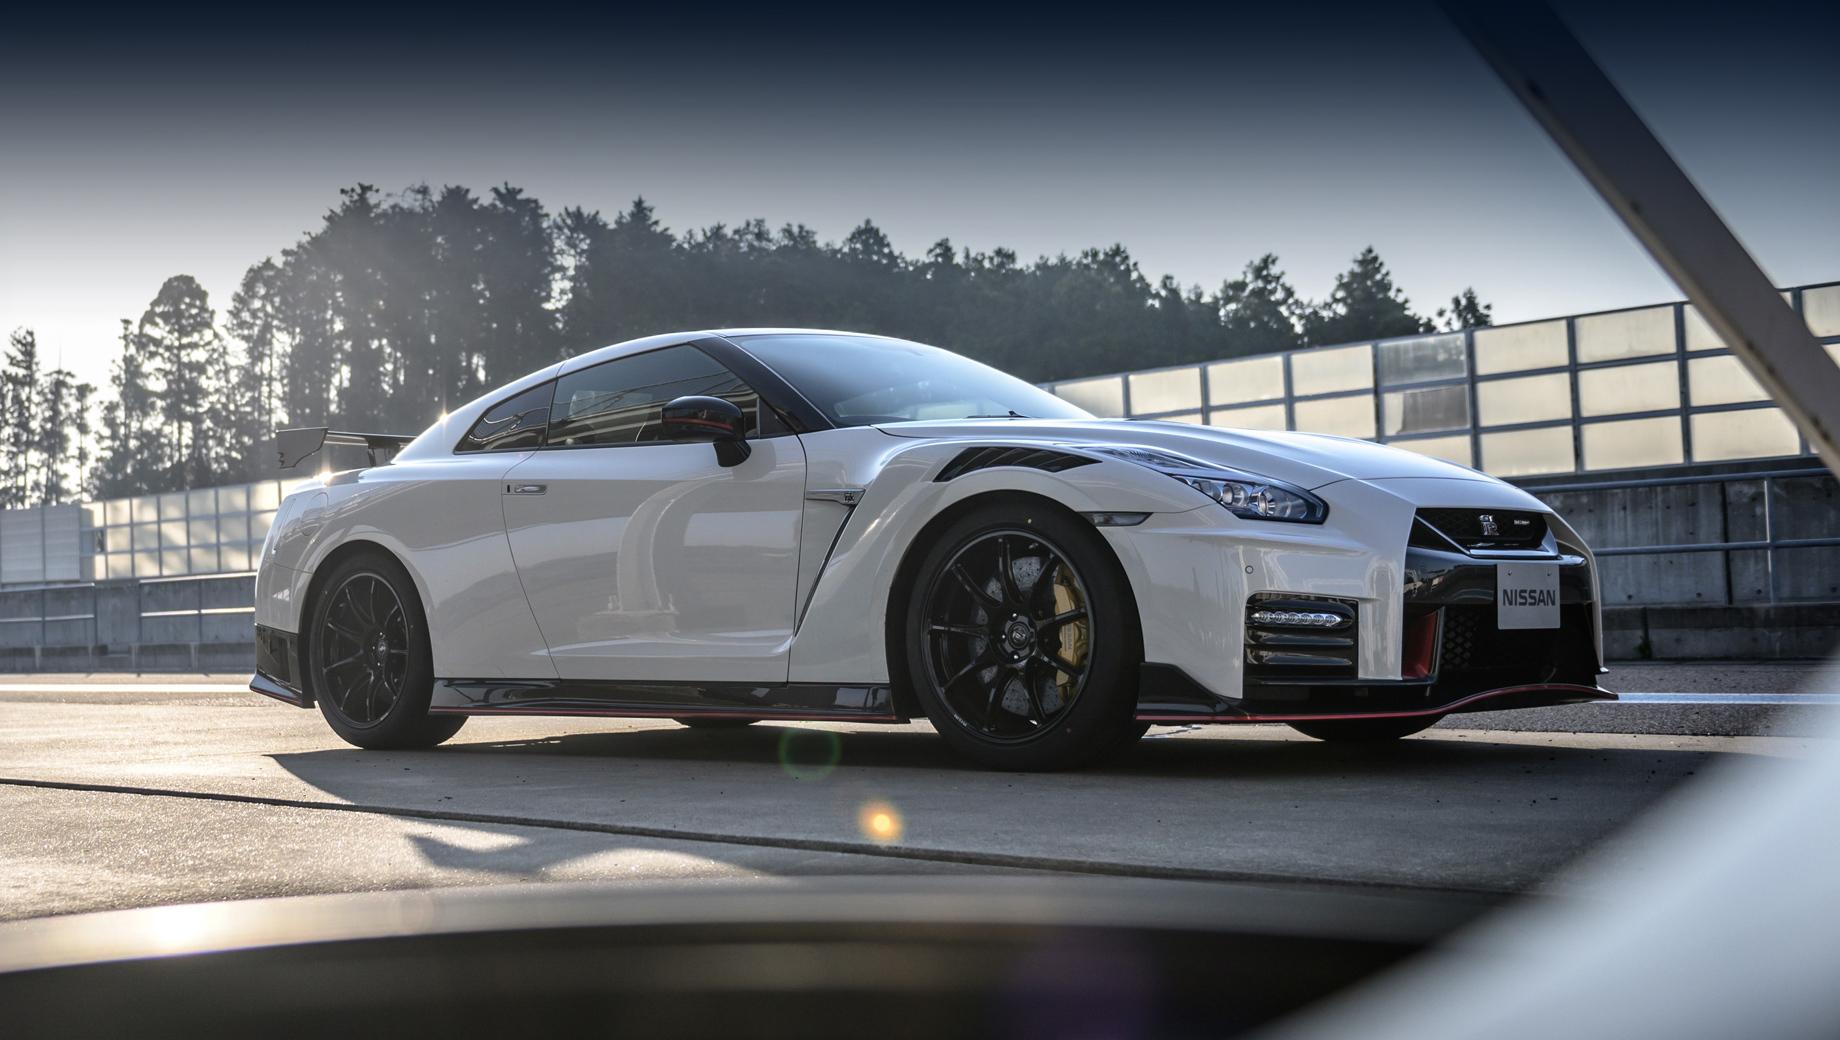 Nissan gt-r. Можно предположить, в силу высокой цены, что прощальное издание будет придумано на основе варианта Nismo.